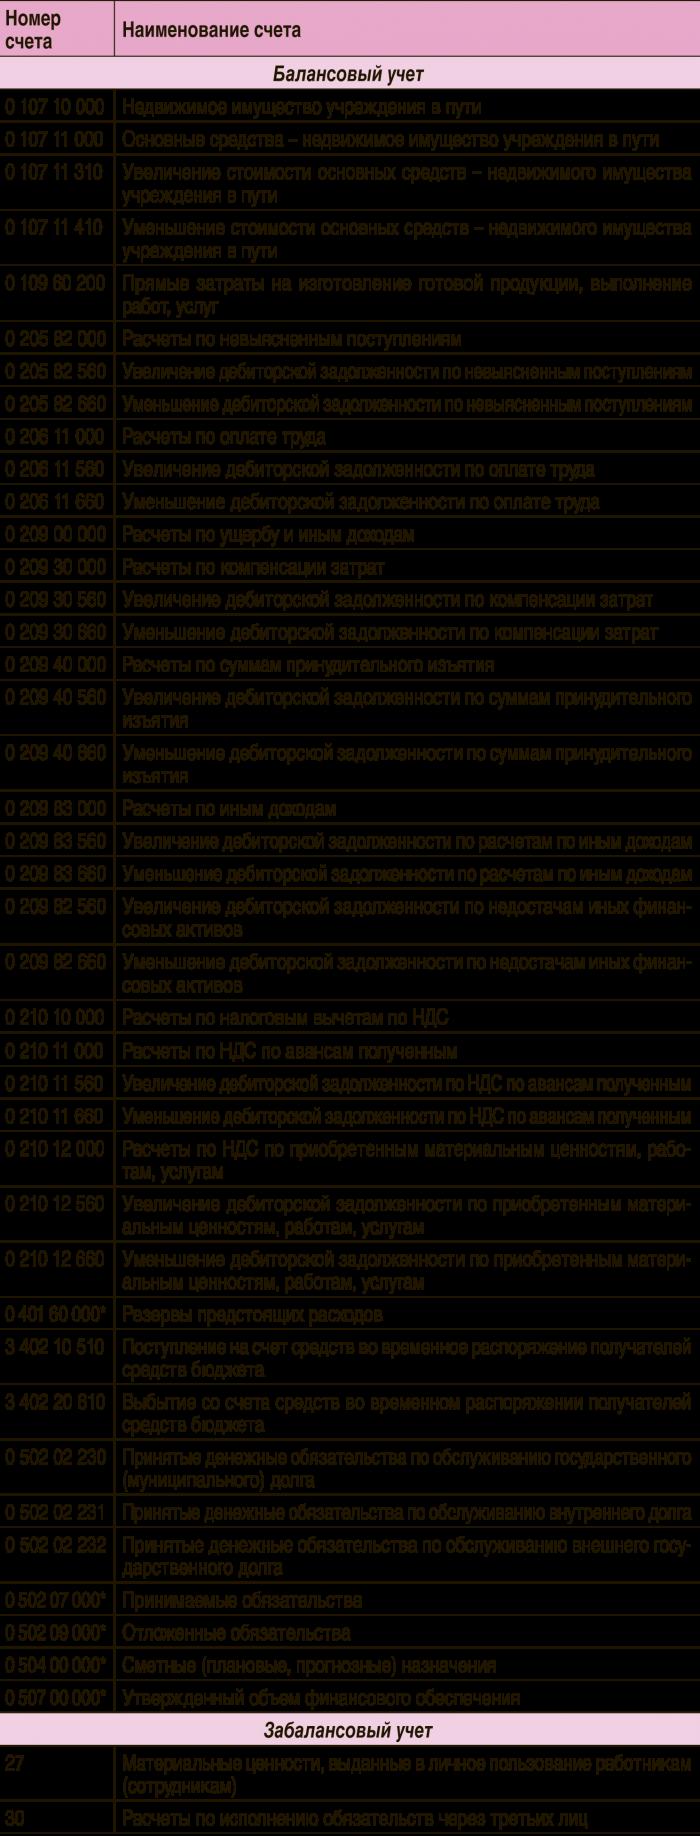 План счетов инструкции 162н